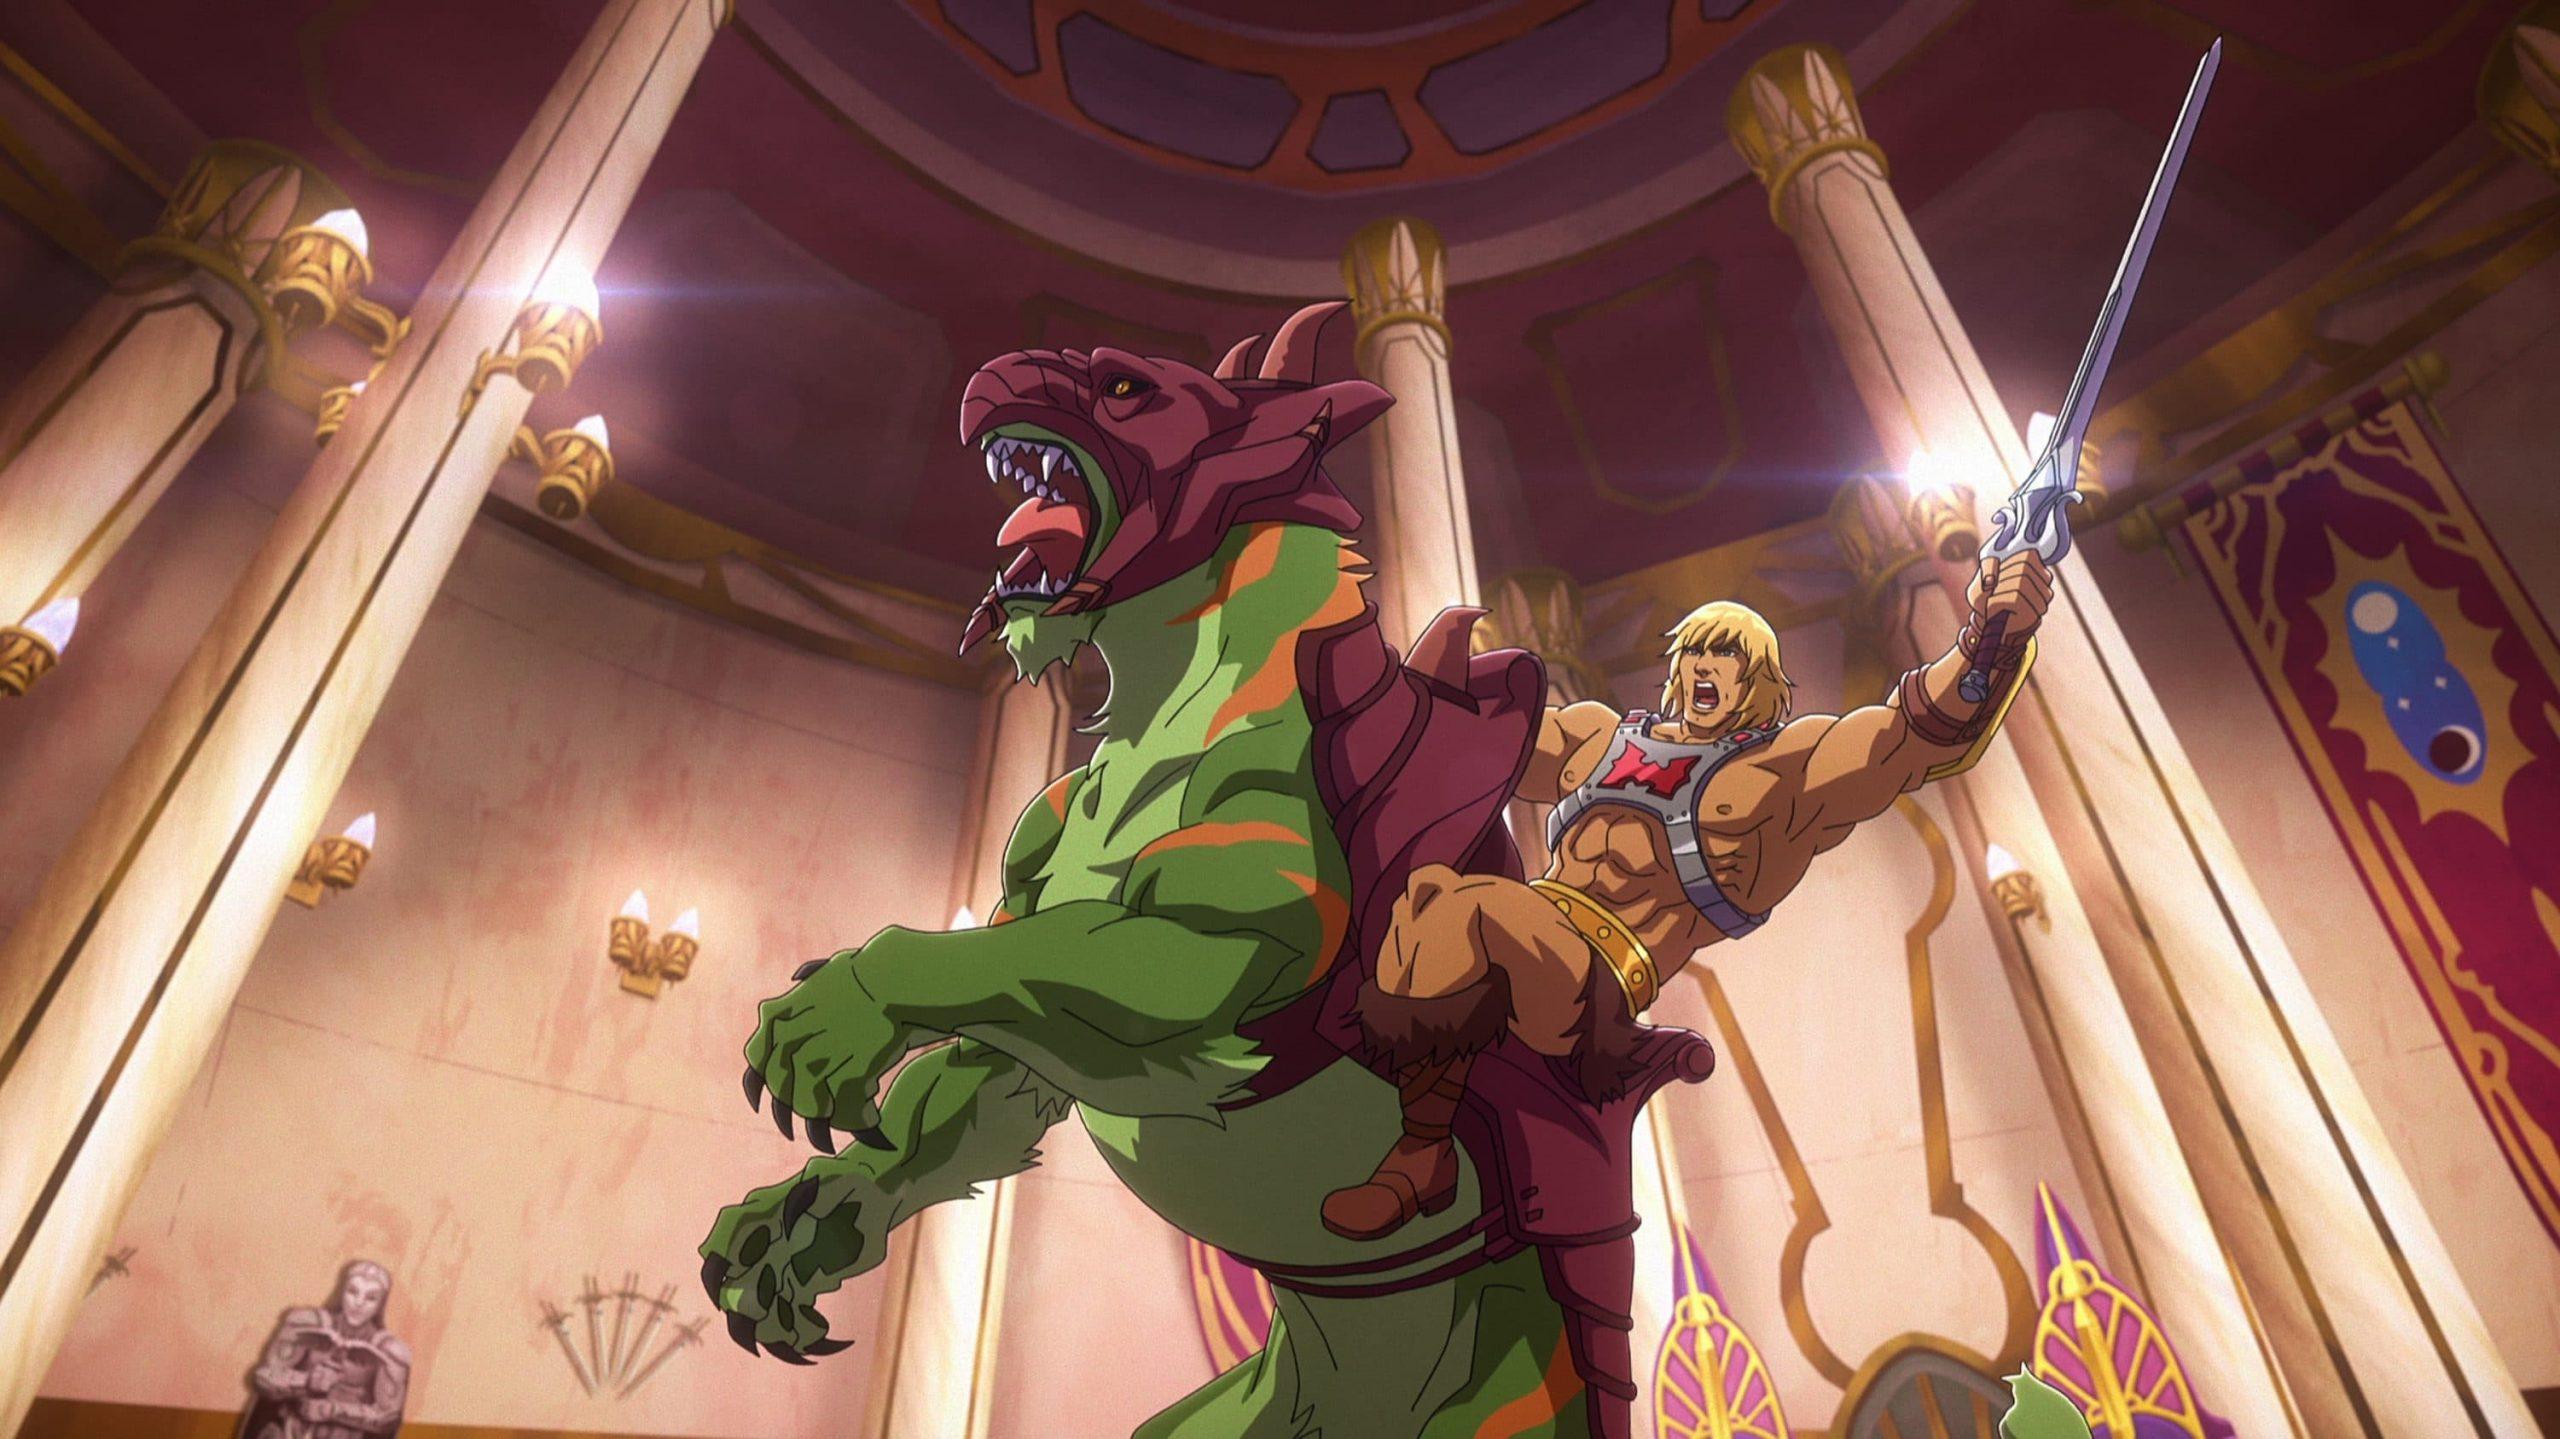 Mestres do Universo | Novo desenho do He-Man na Netflix ganha trailer